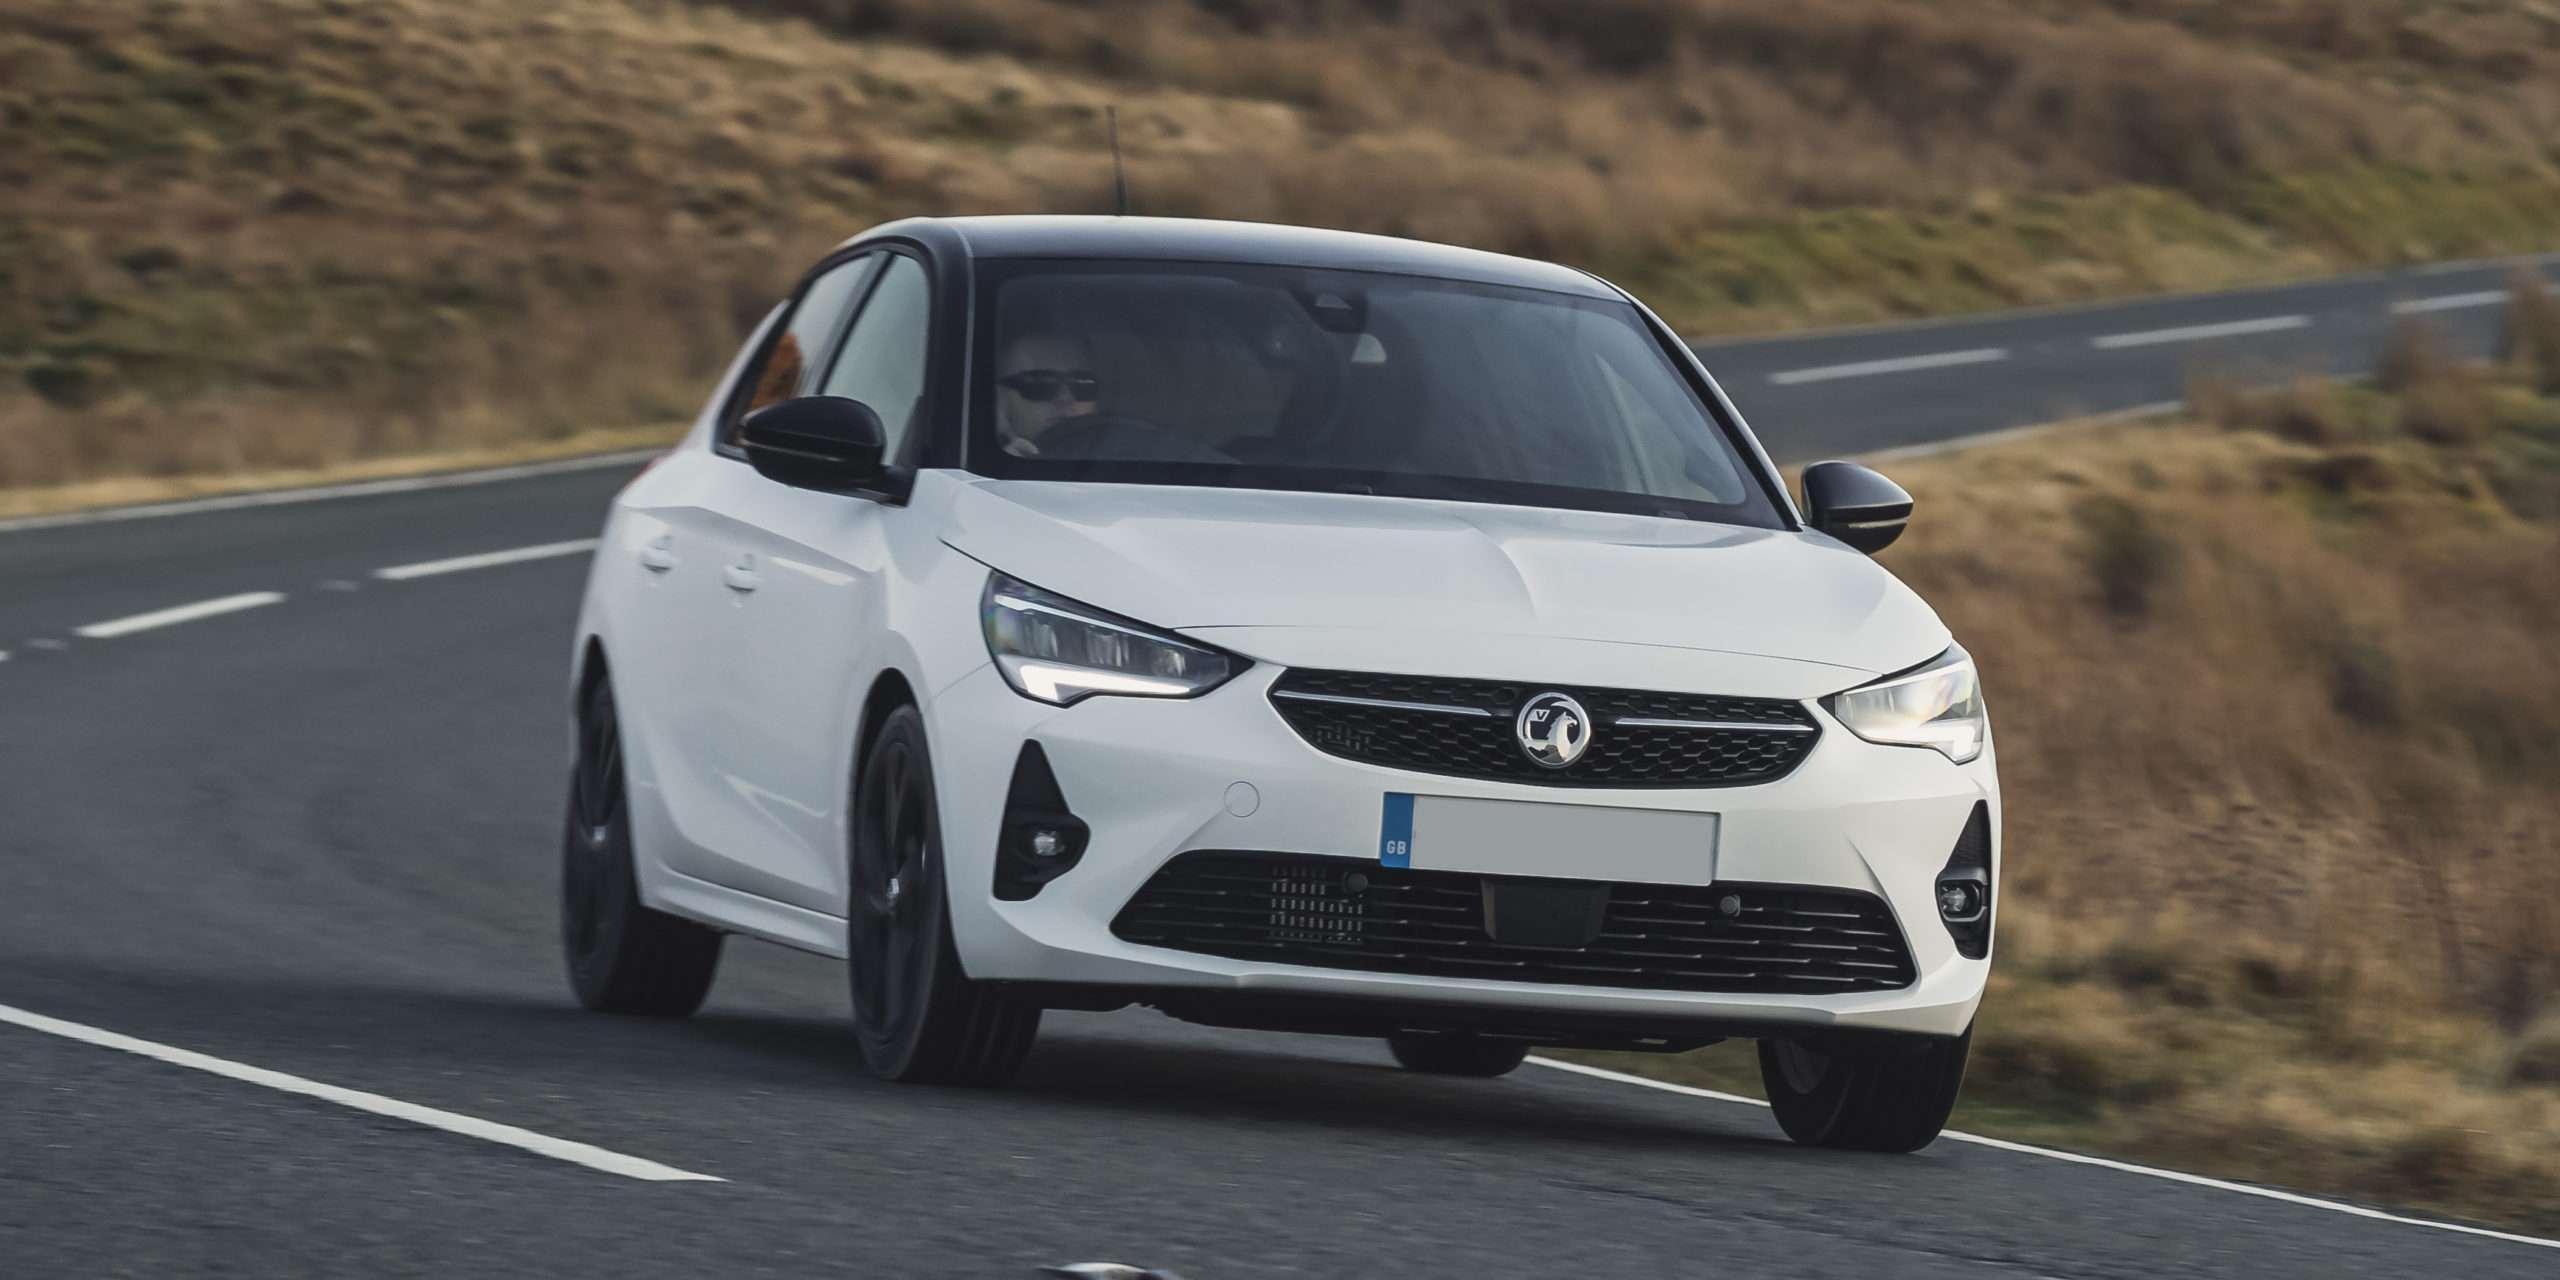 Vauxhall-Corsa-Cornering-Shot-scaled